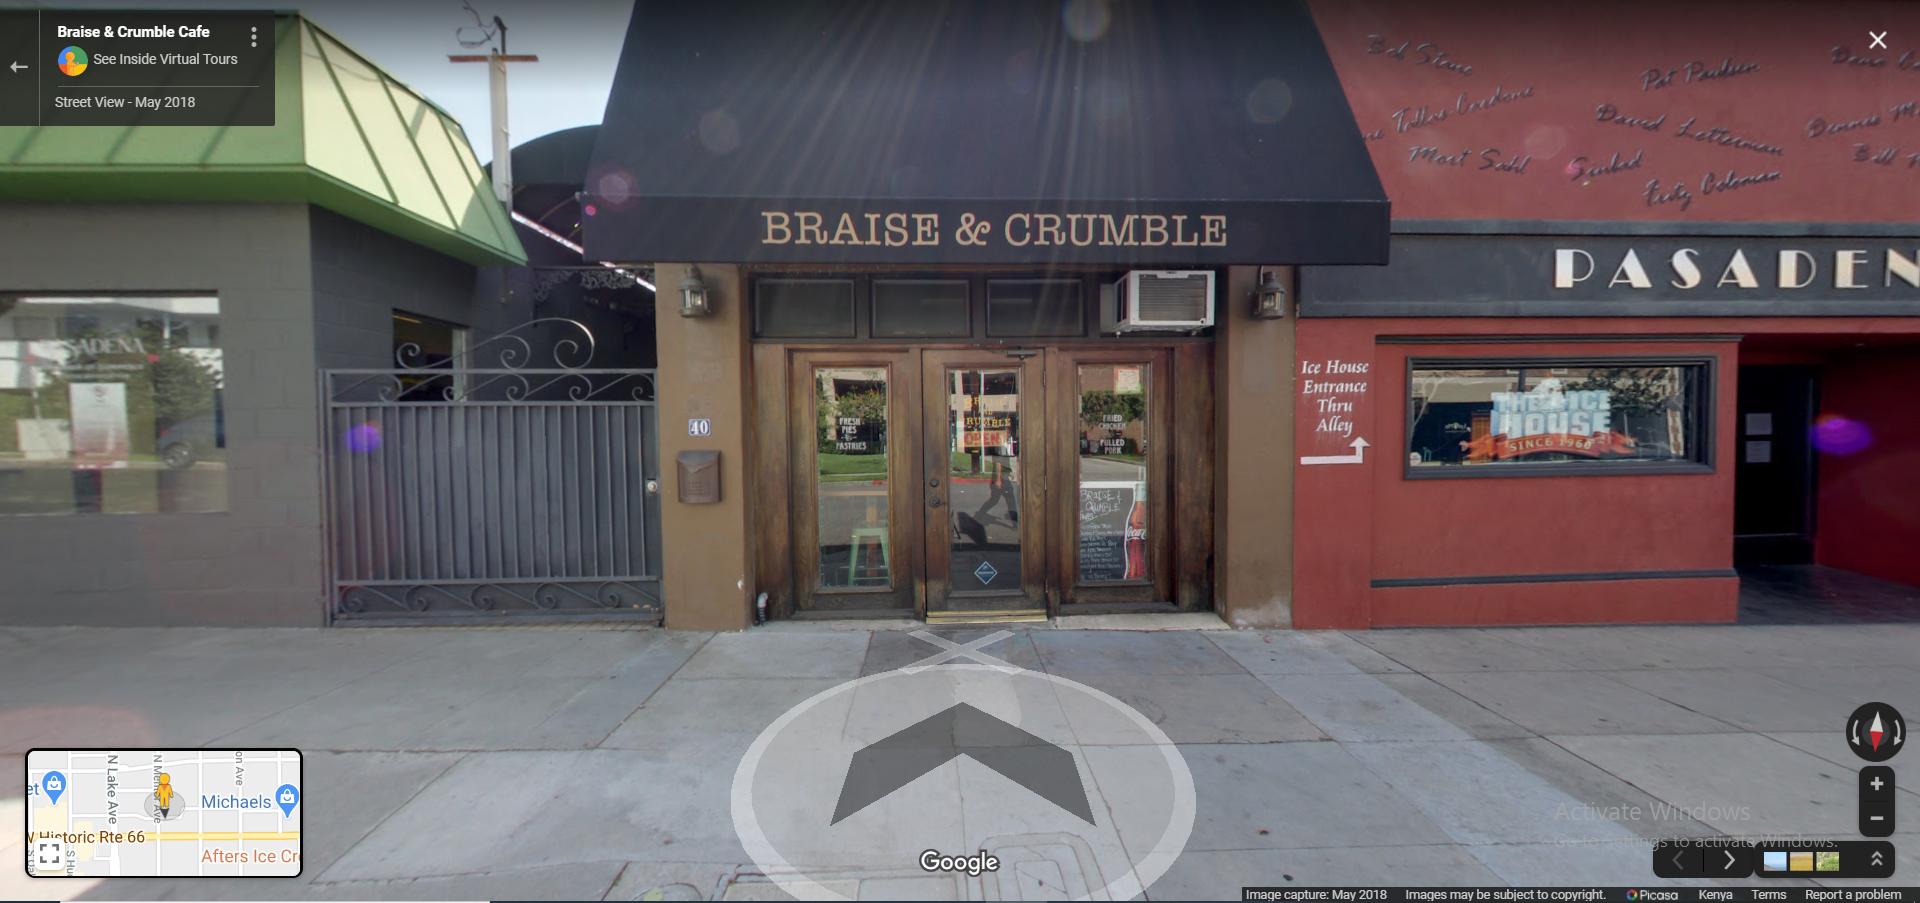 Braise & Crumble Cafe - Pasadena